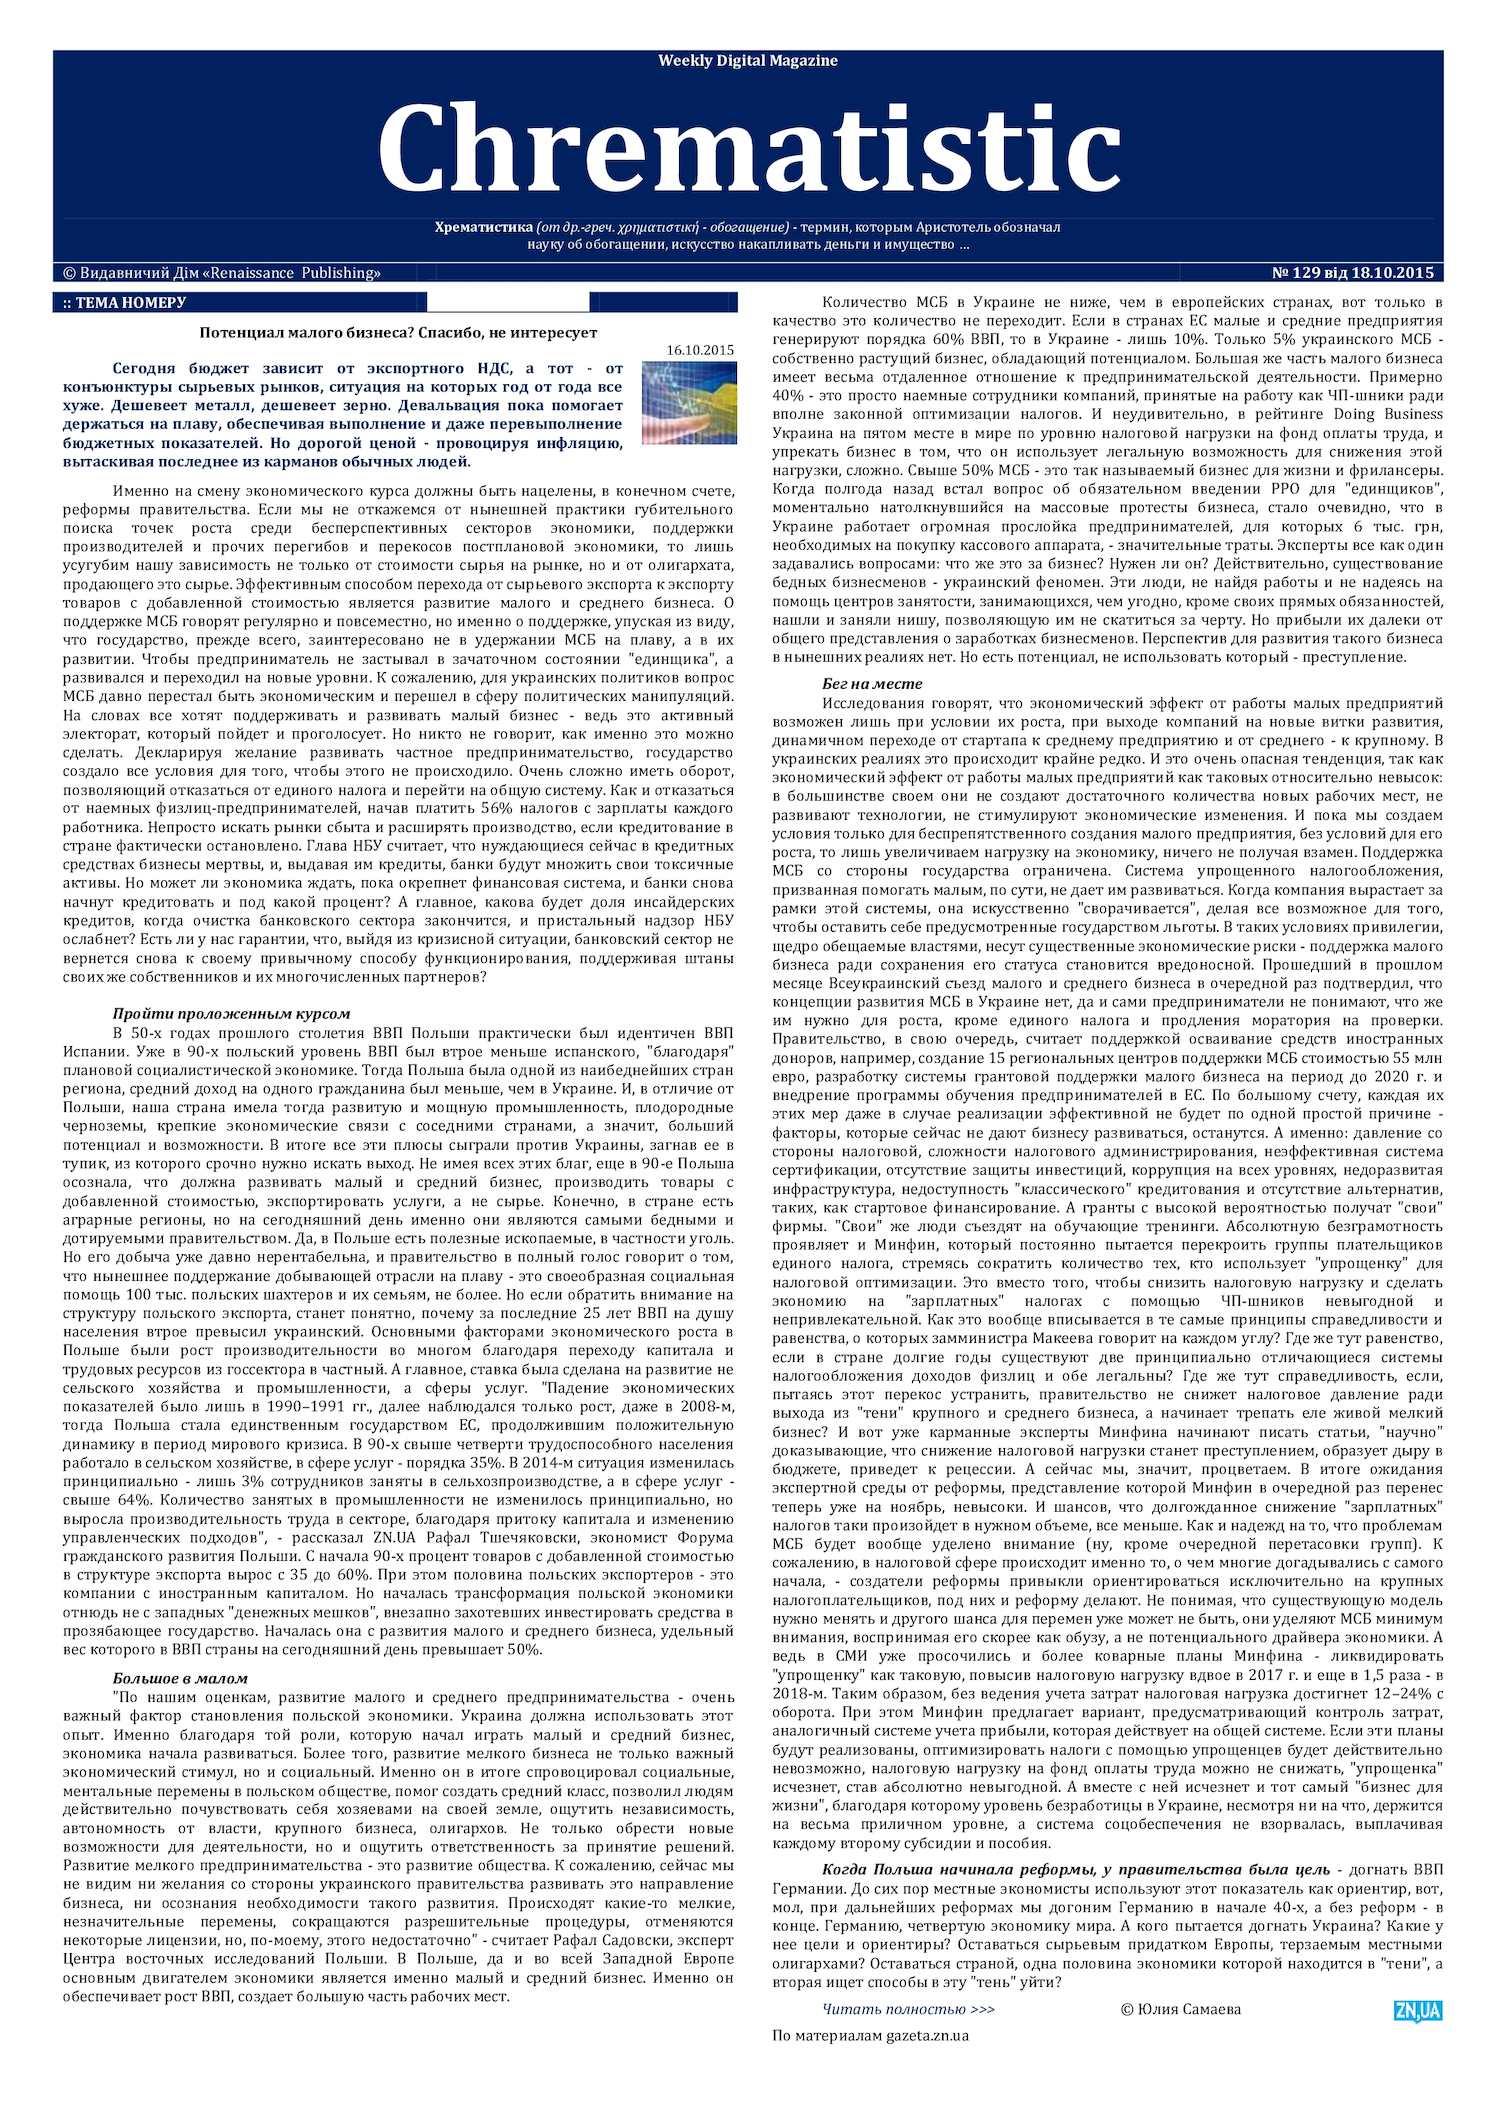 3b1dc5295a7f Calaméo - №129 Wdm «Chrematistic» от 18 10 2015